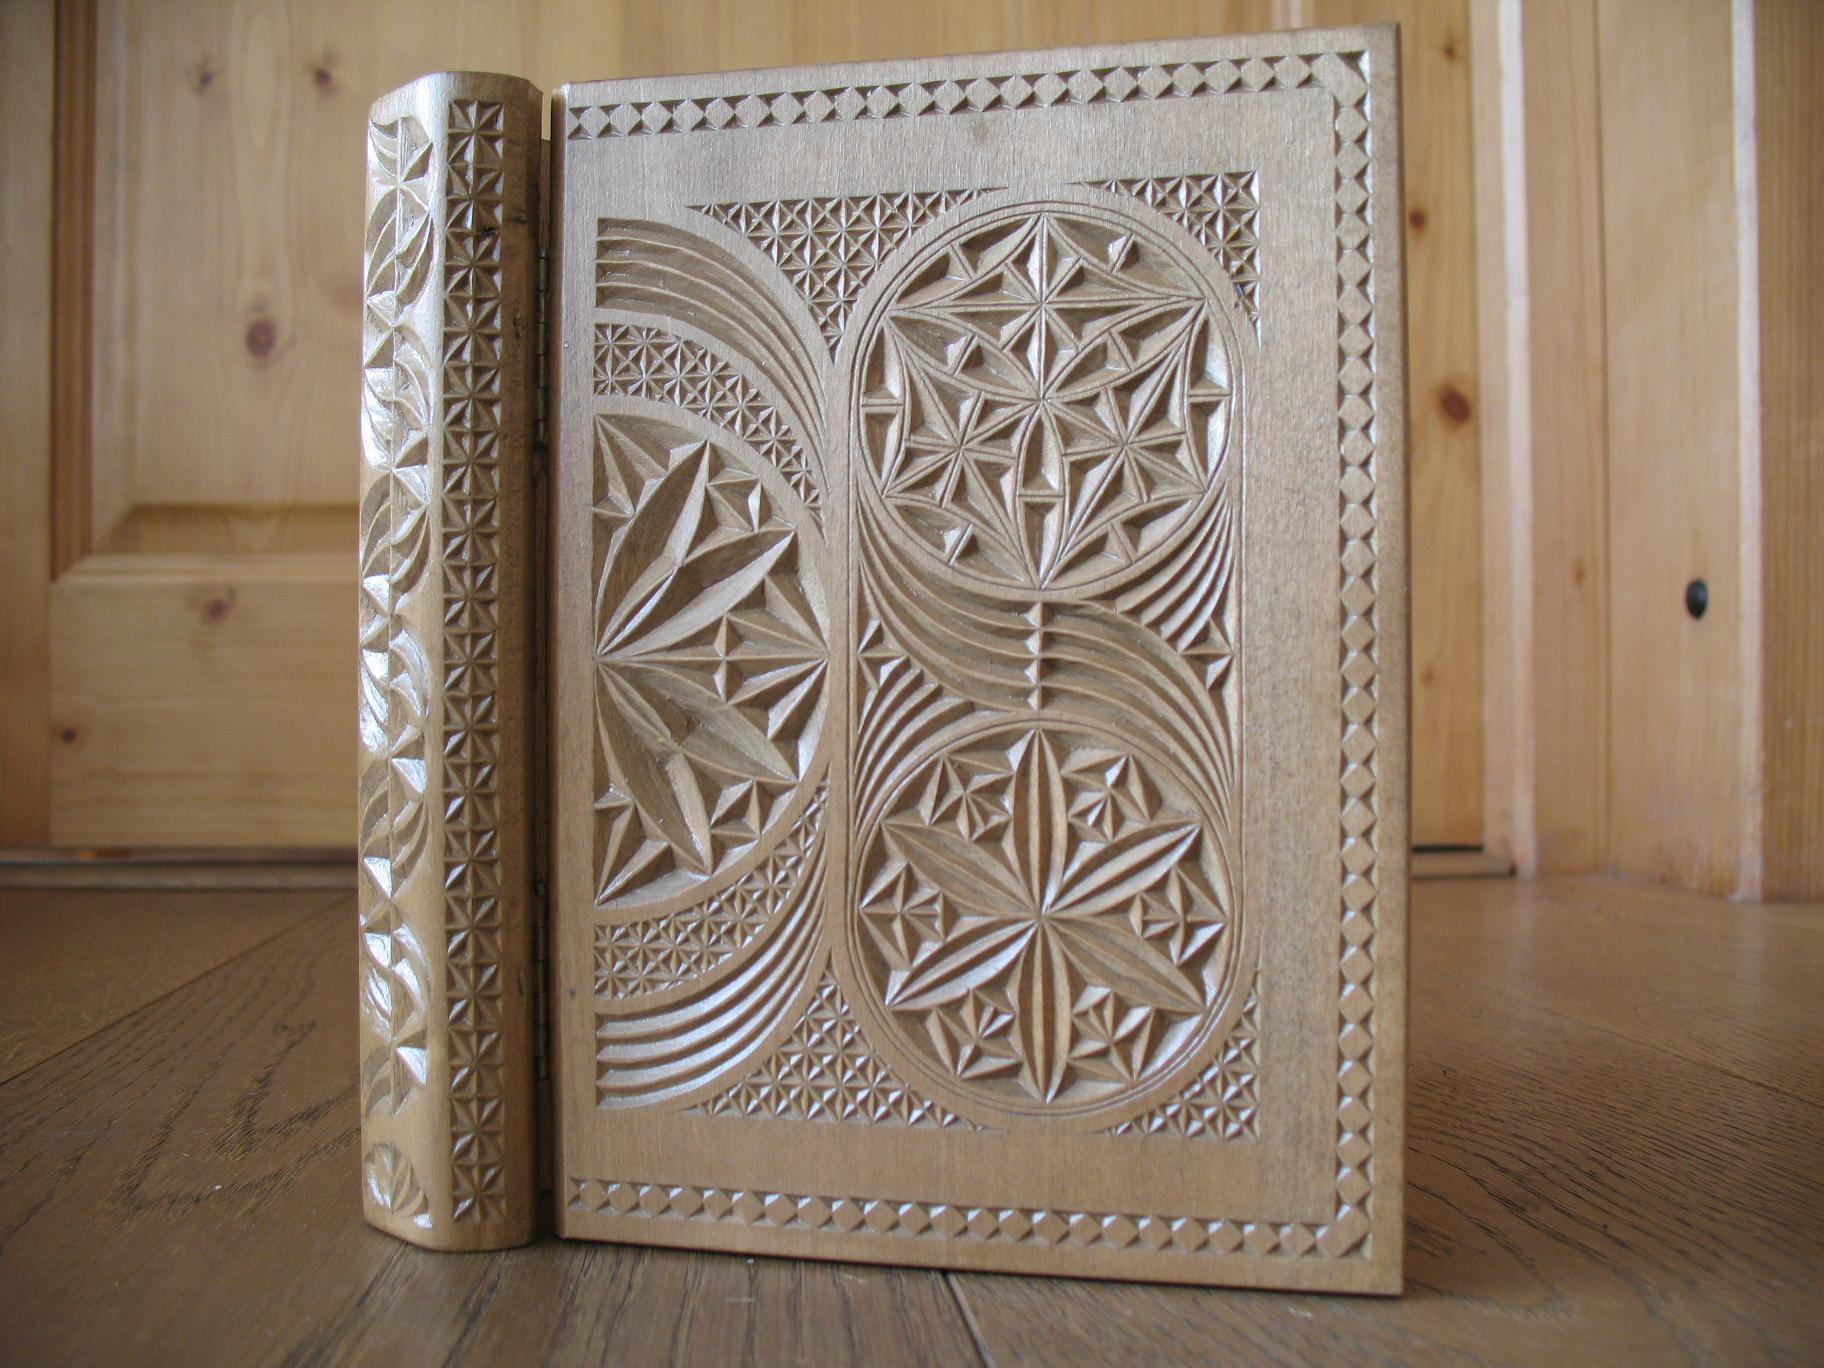 2010 mars sculpture sur bois - Modele sculpture sur bois gratuit ...